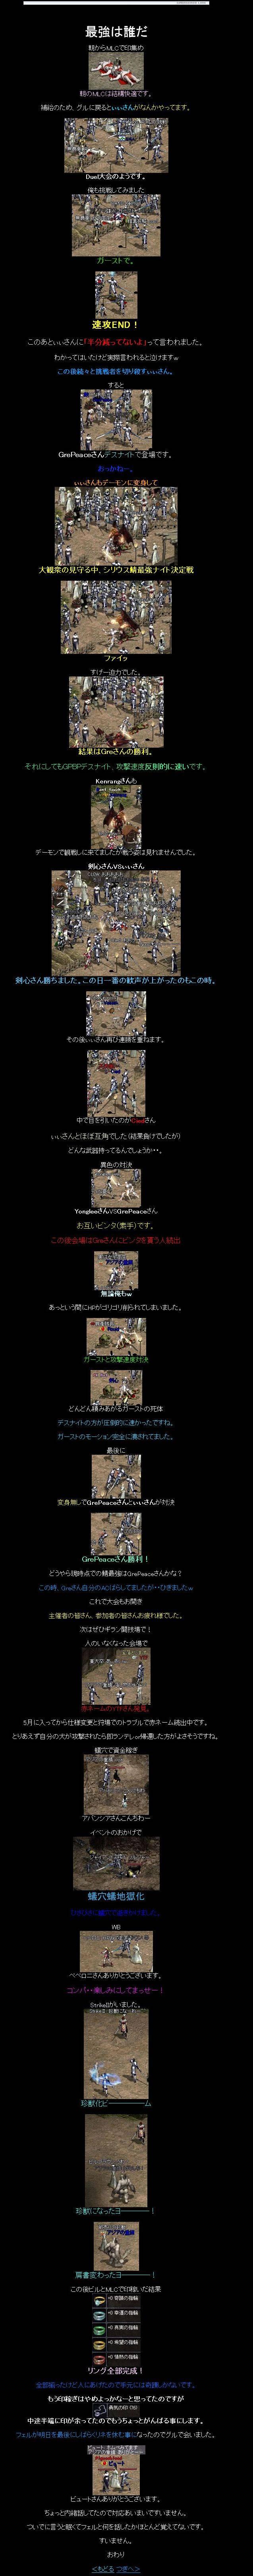 2011-03-06_193023-1.jpg